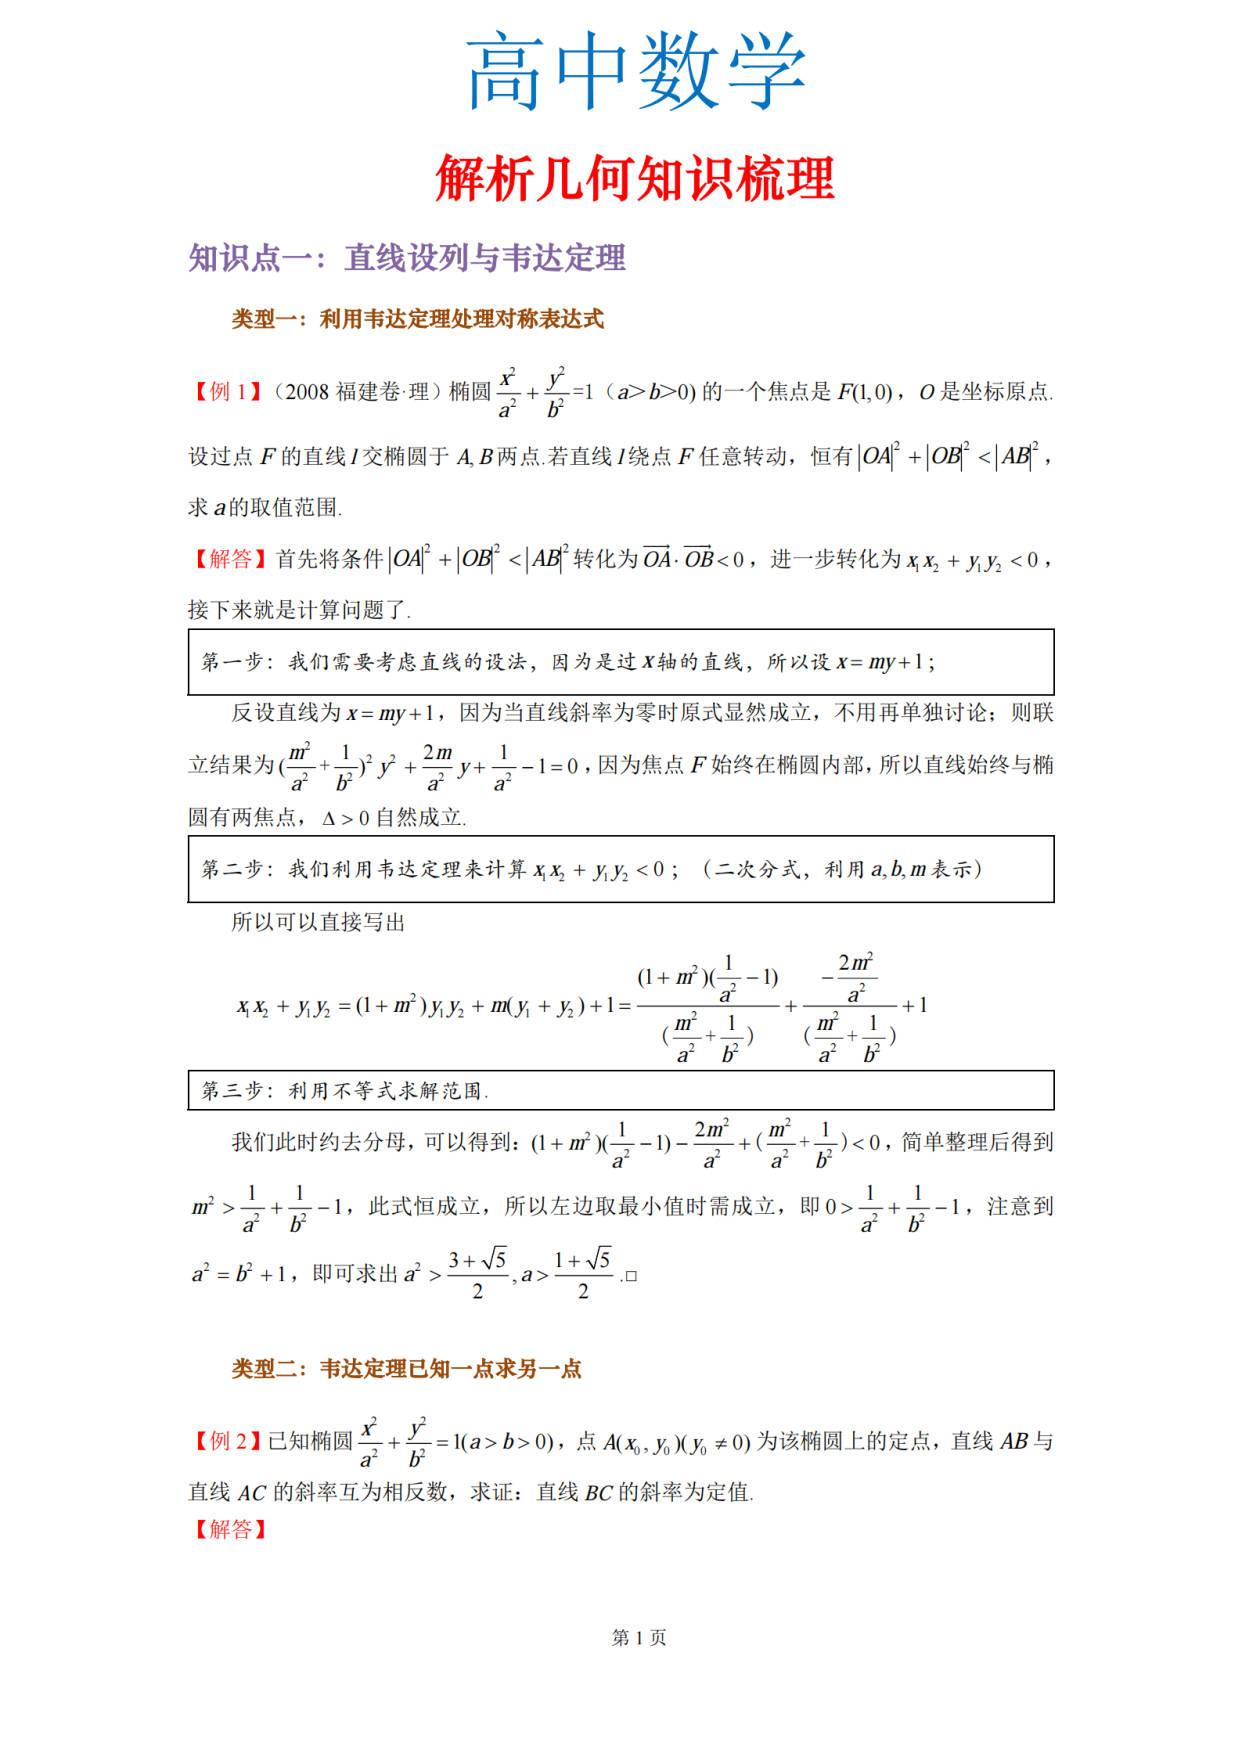 高中数学复习秘籍   解析几何11个大知识点全面总结(共30个类型)